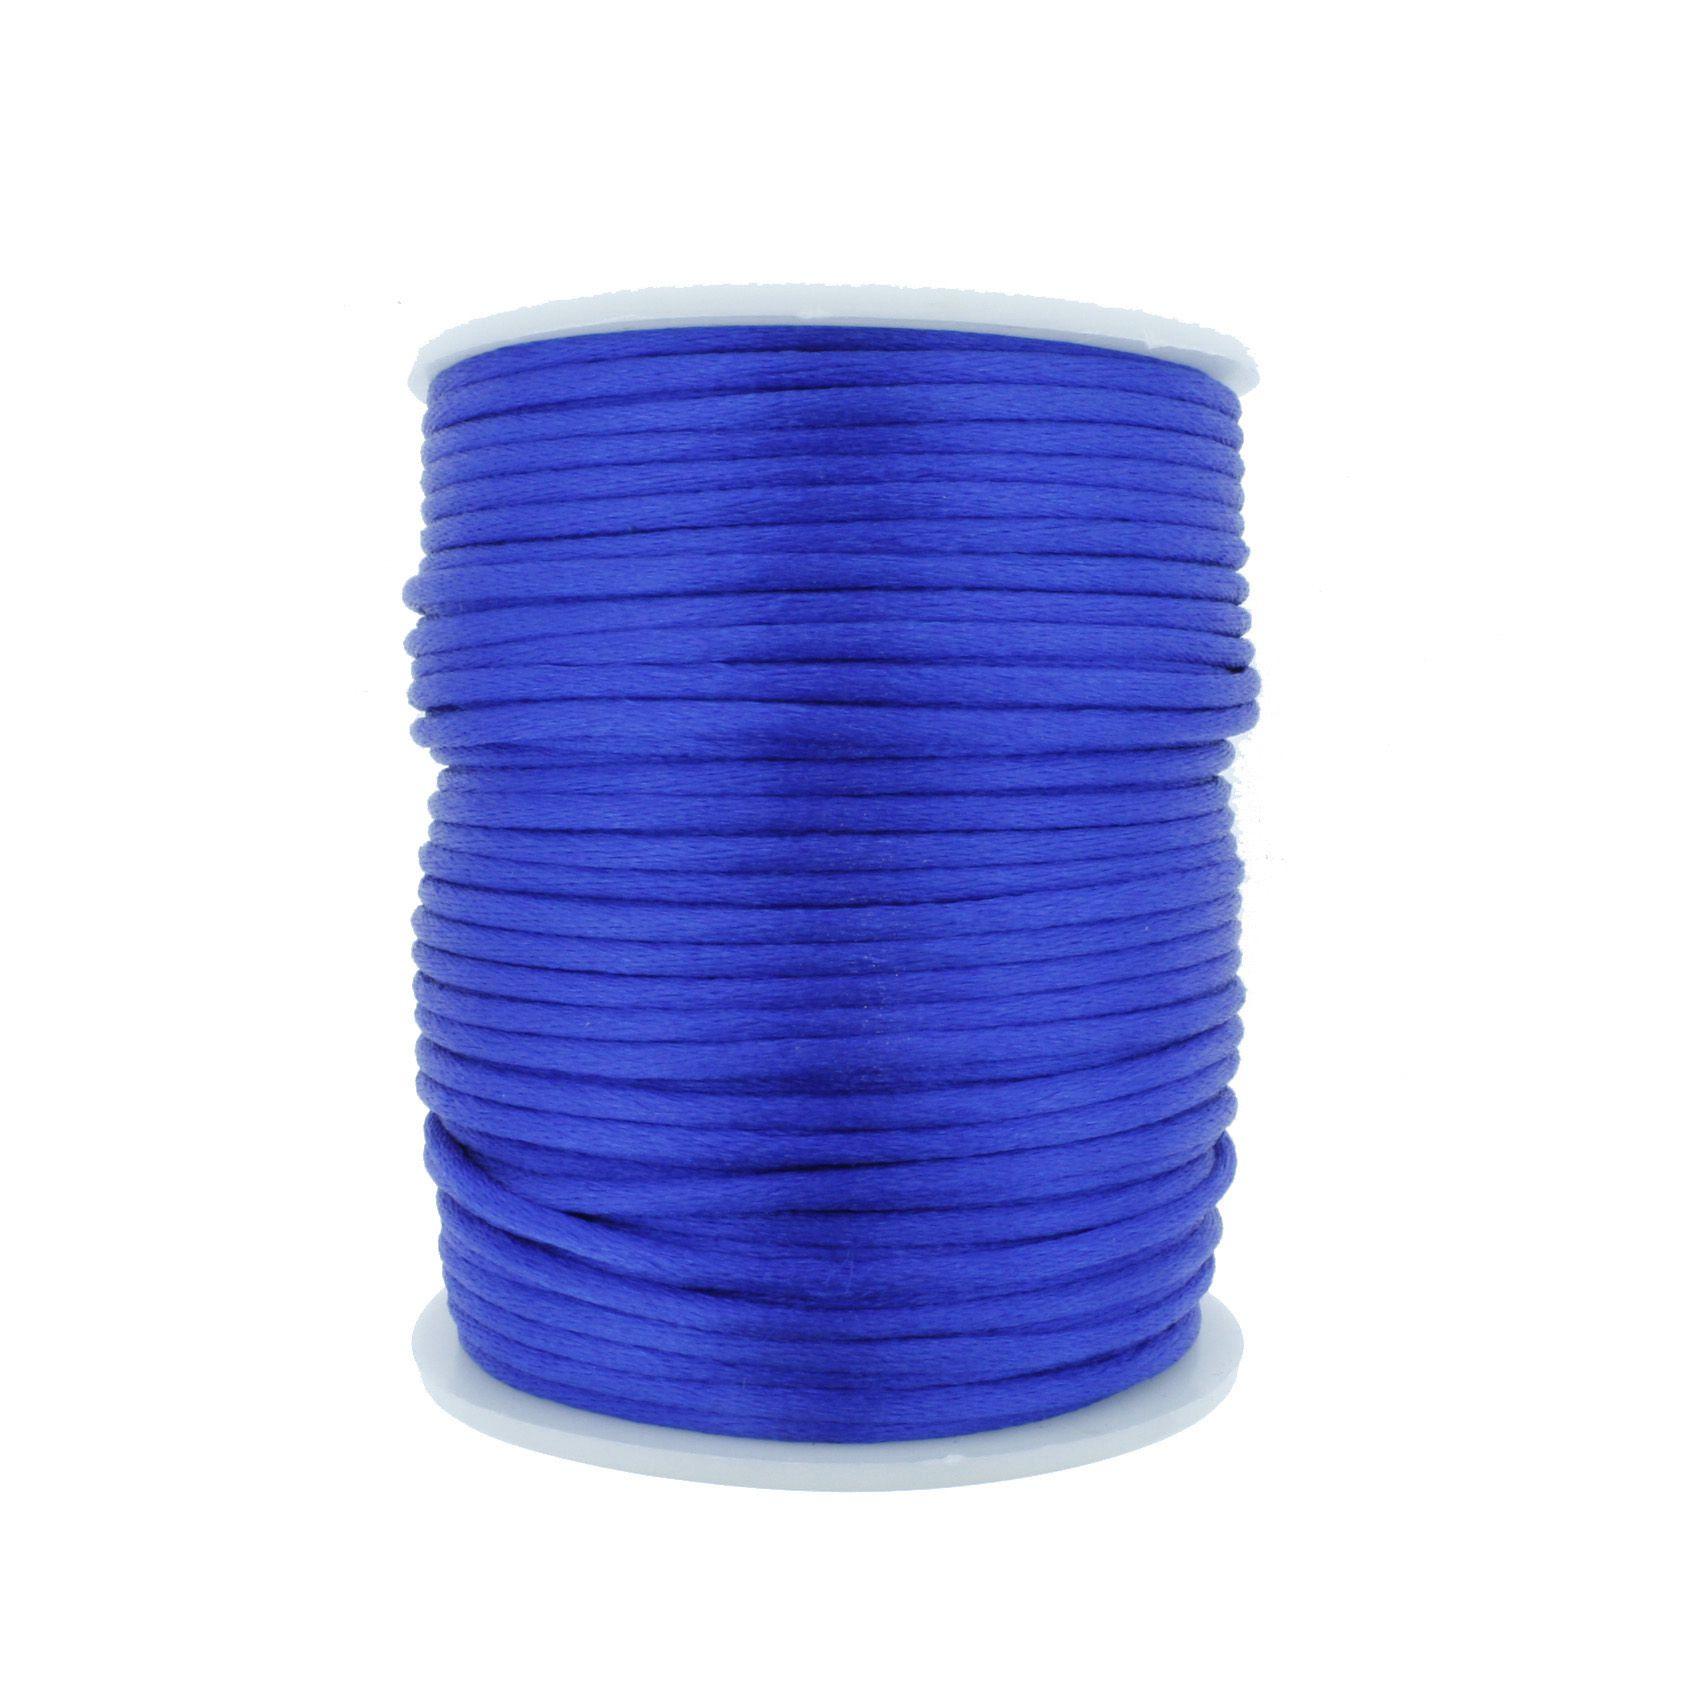 Cordão de Seda - Azul Royal - 2mm  - Stéphanie Bijoux® - Peças para Bijuterias e Artesanato